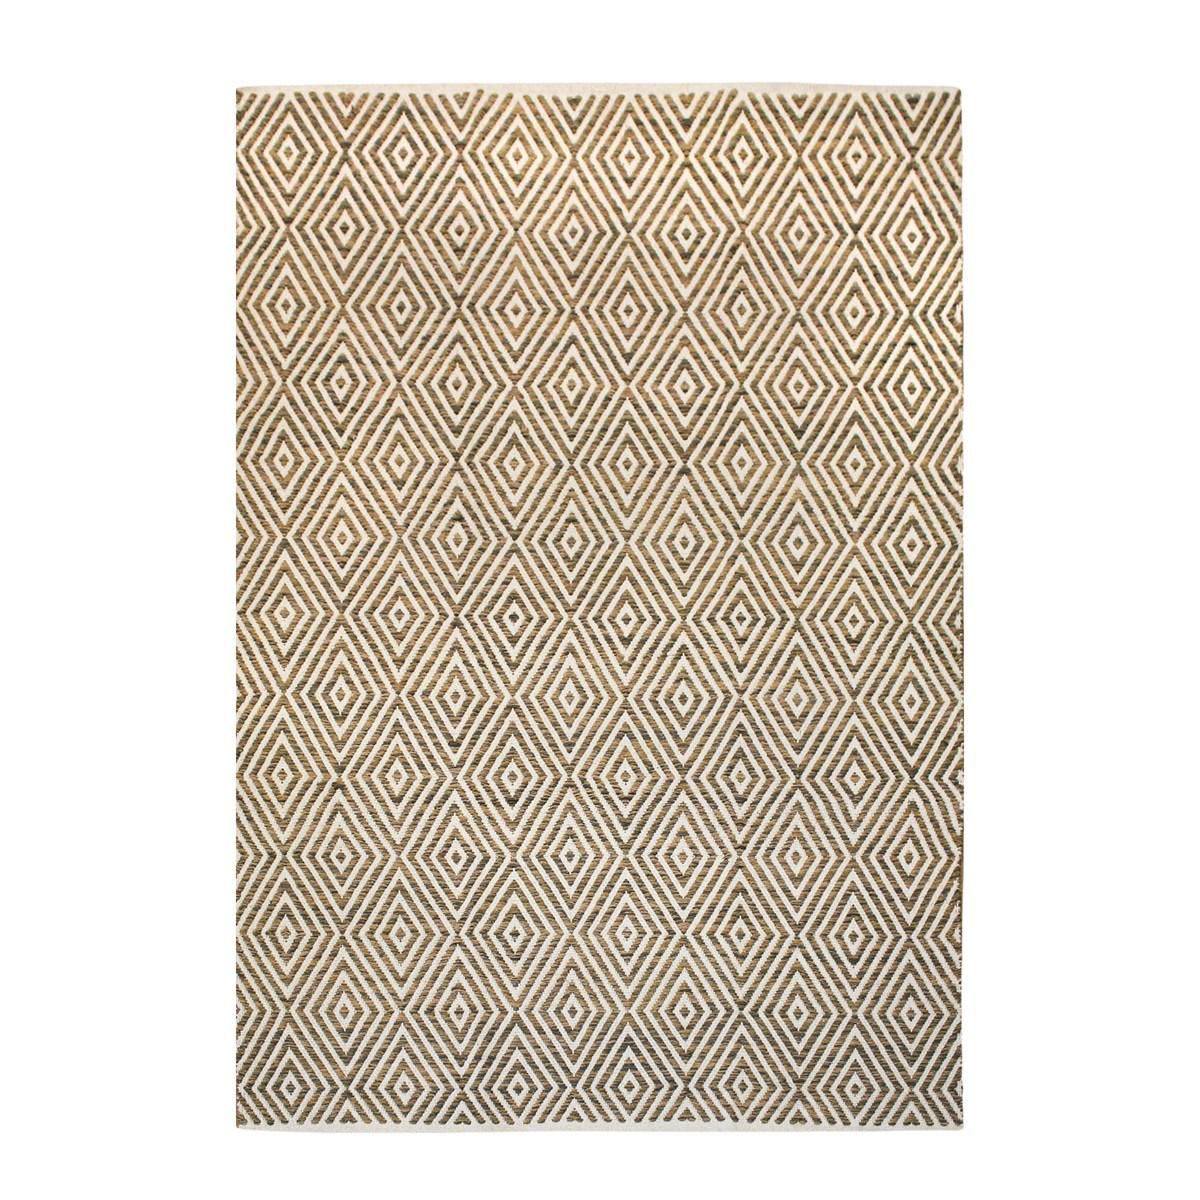 Tapis design en Coton Beige 160x230 cm